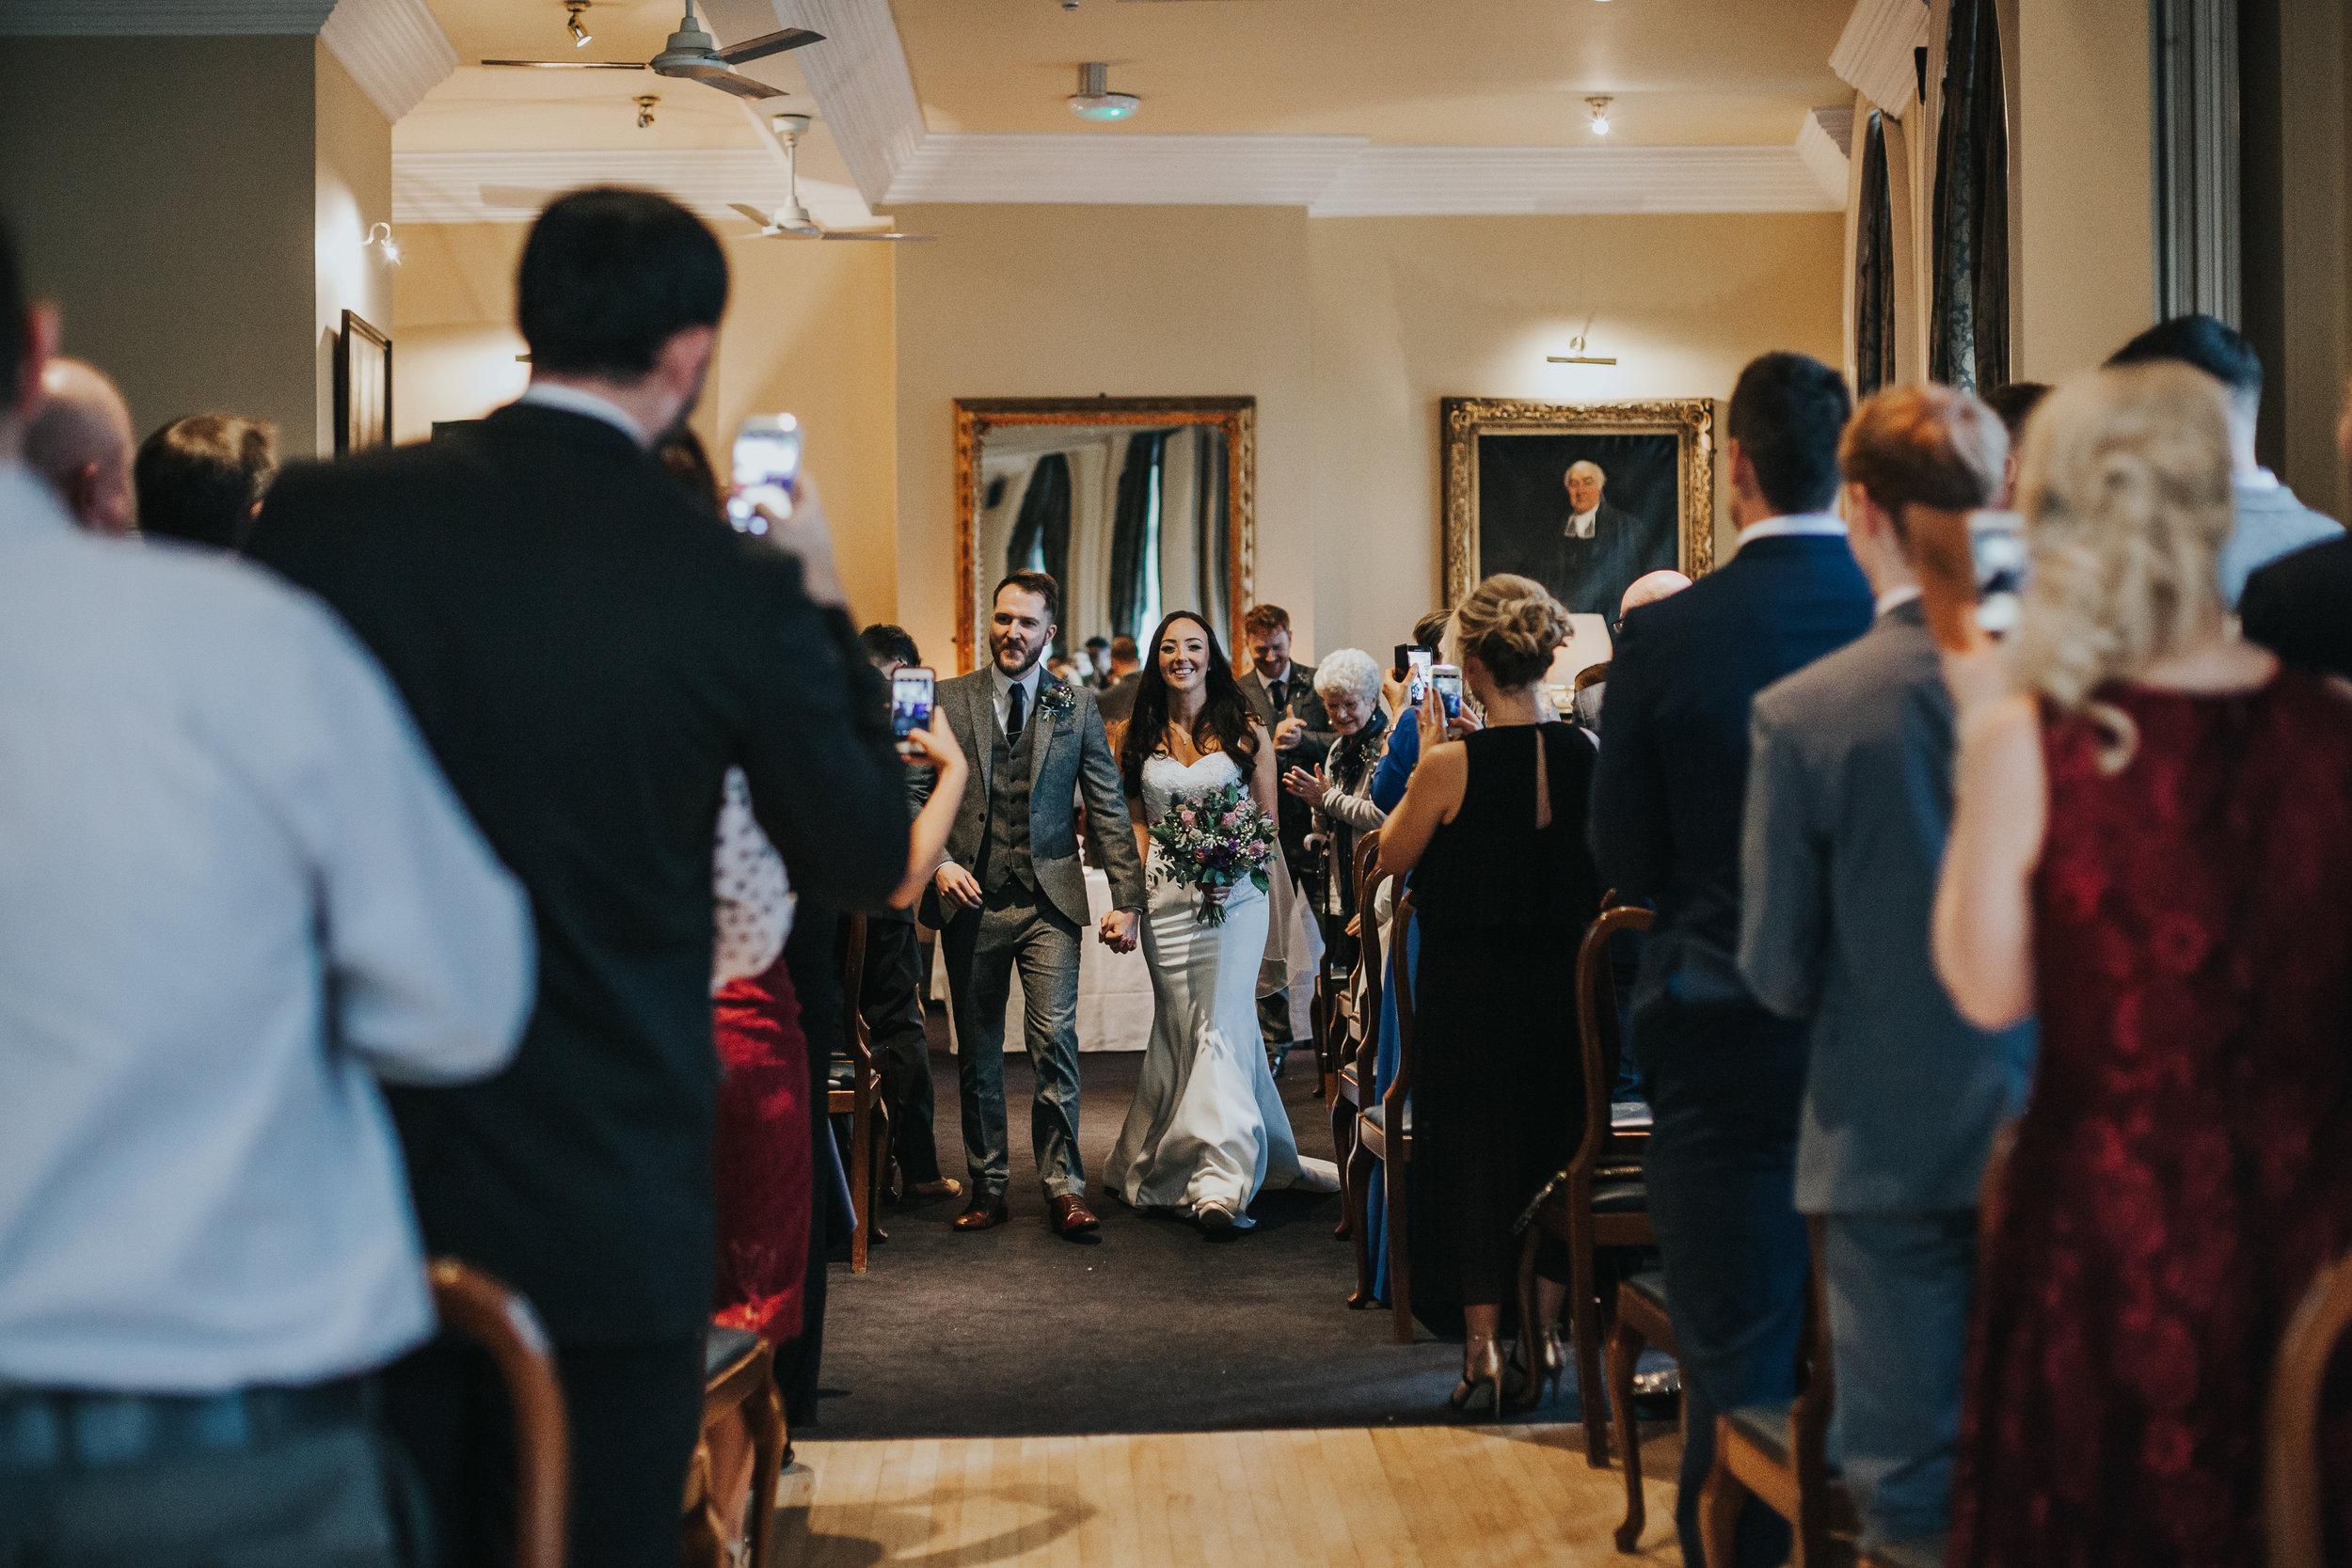 Bride and groom exit wedding